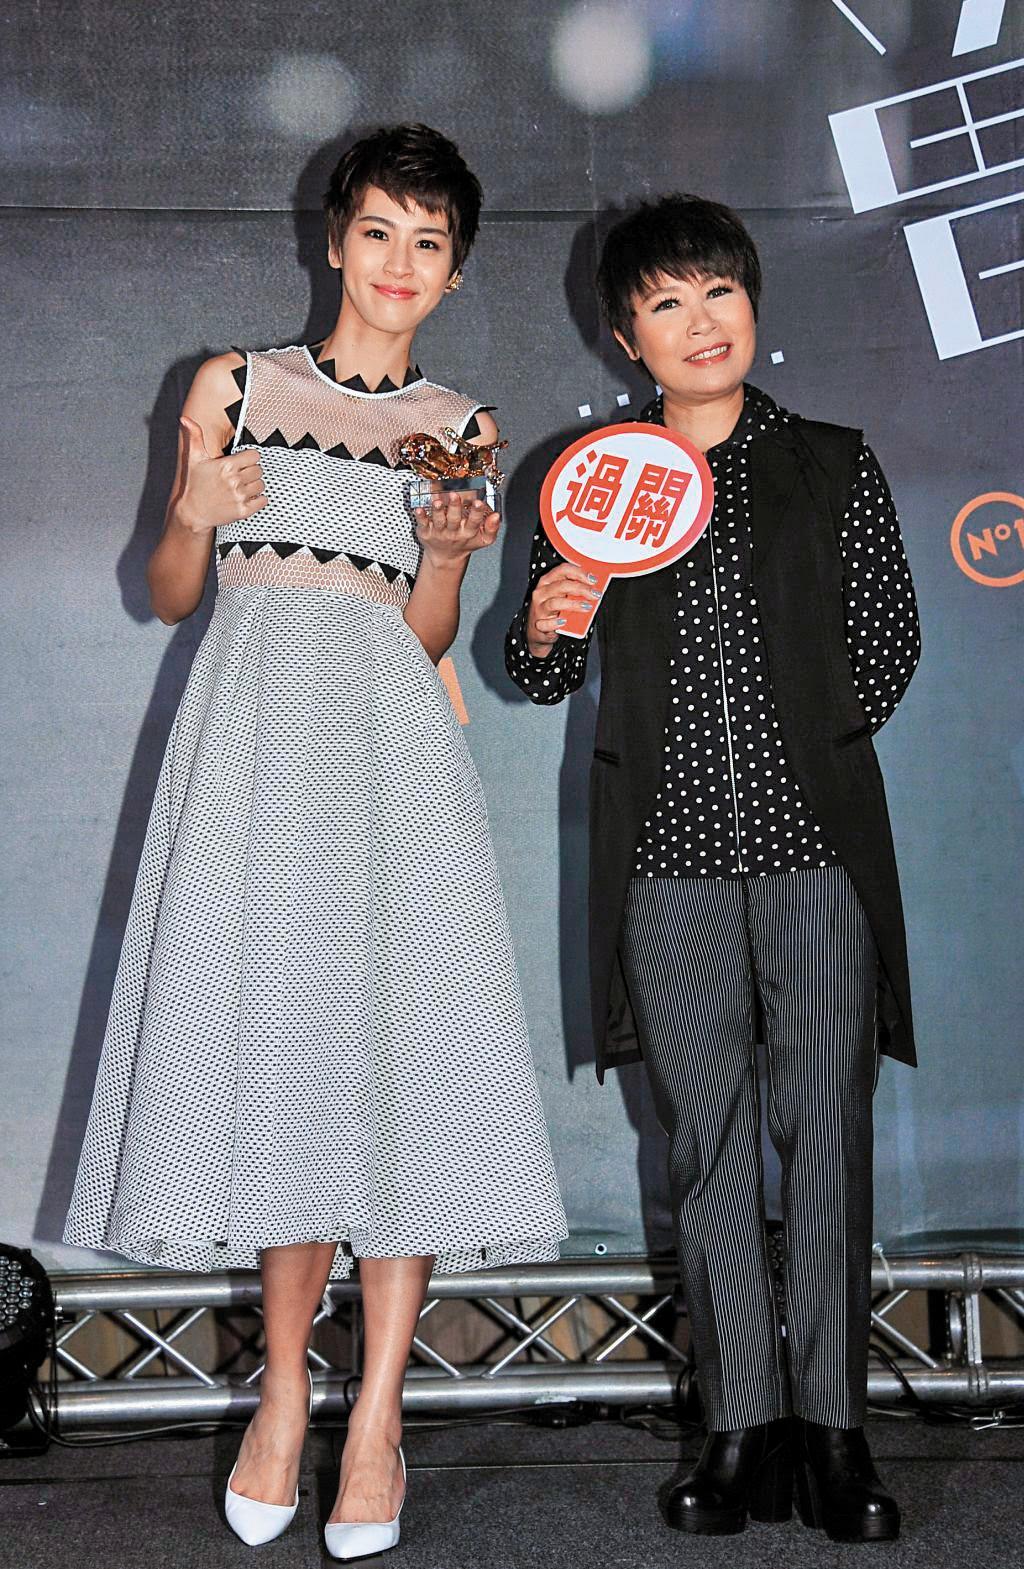 曾沛慈(左)發片時也請到黃小琥(右)站台,她其實靠著唱歌也獲得頗多肯定,多半是「十大風雲歌手」「最受歡迎女歌手獎」這類獎項。(福茂唱片提供)